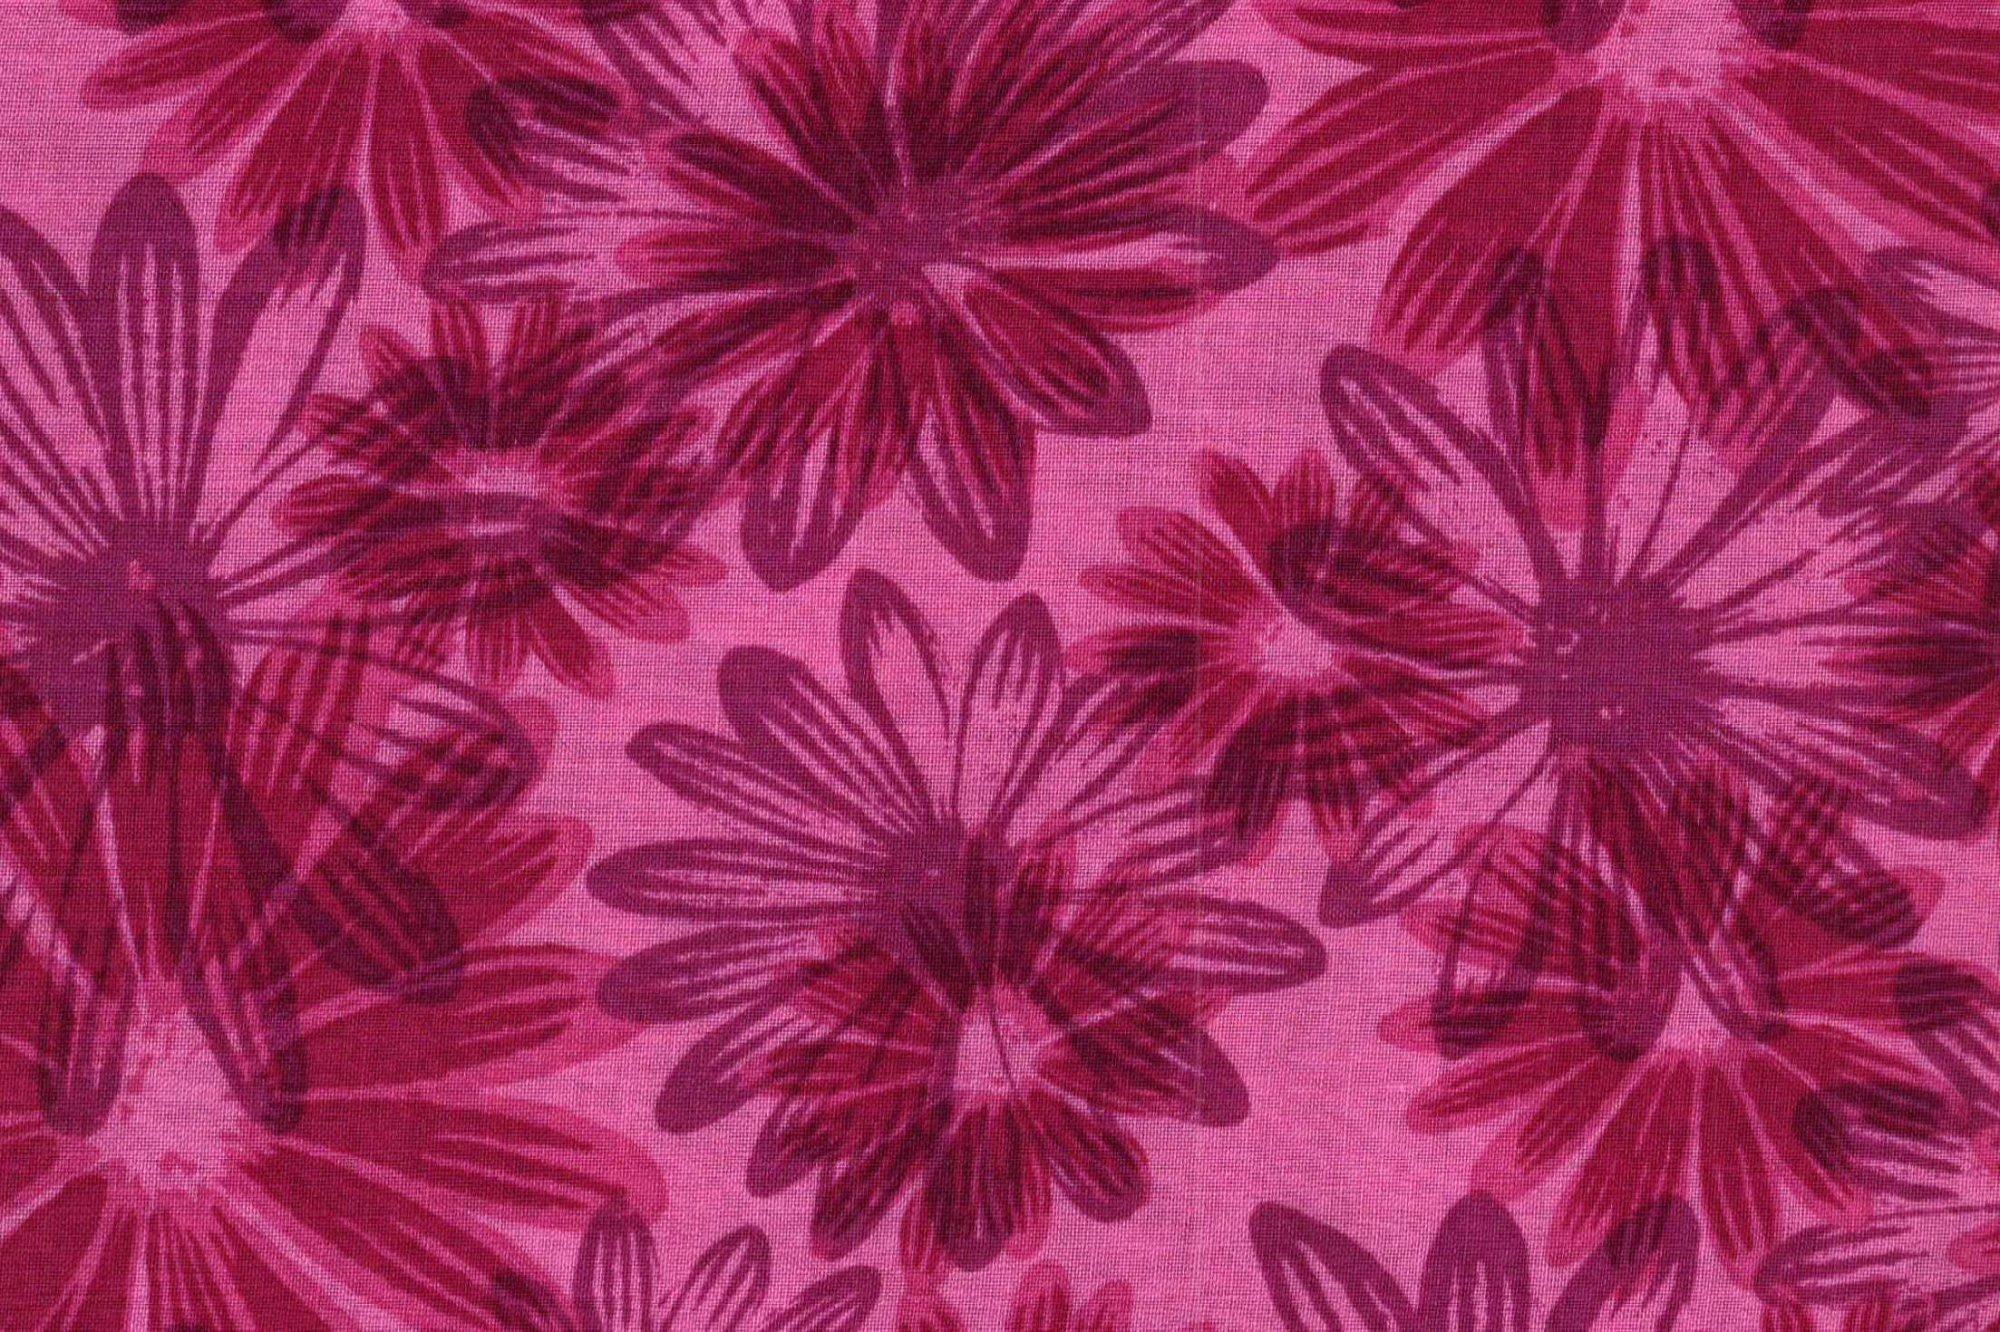 N HOFFMAN J 8684-12 PINK FLOWERS